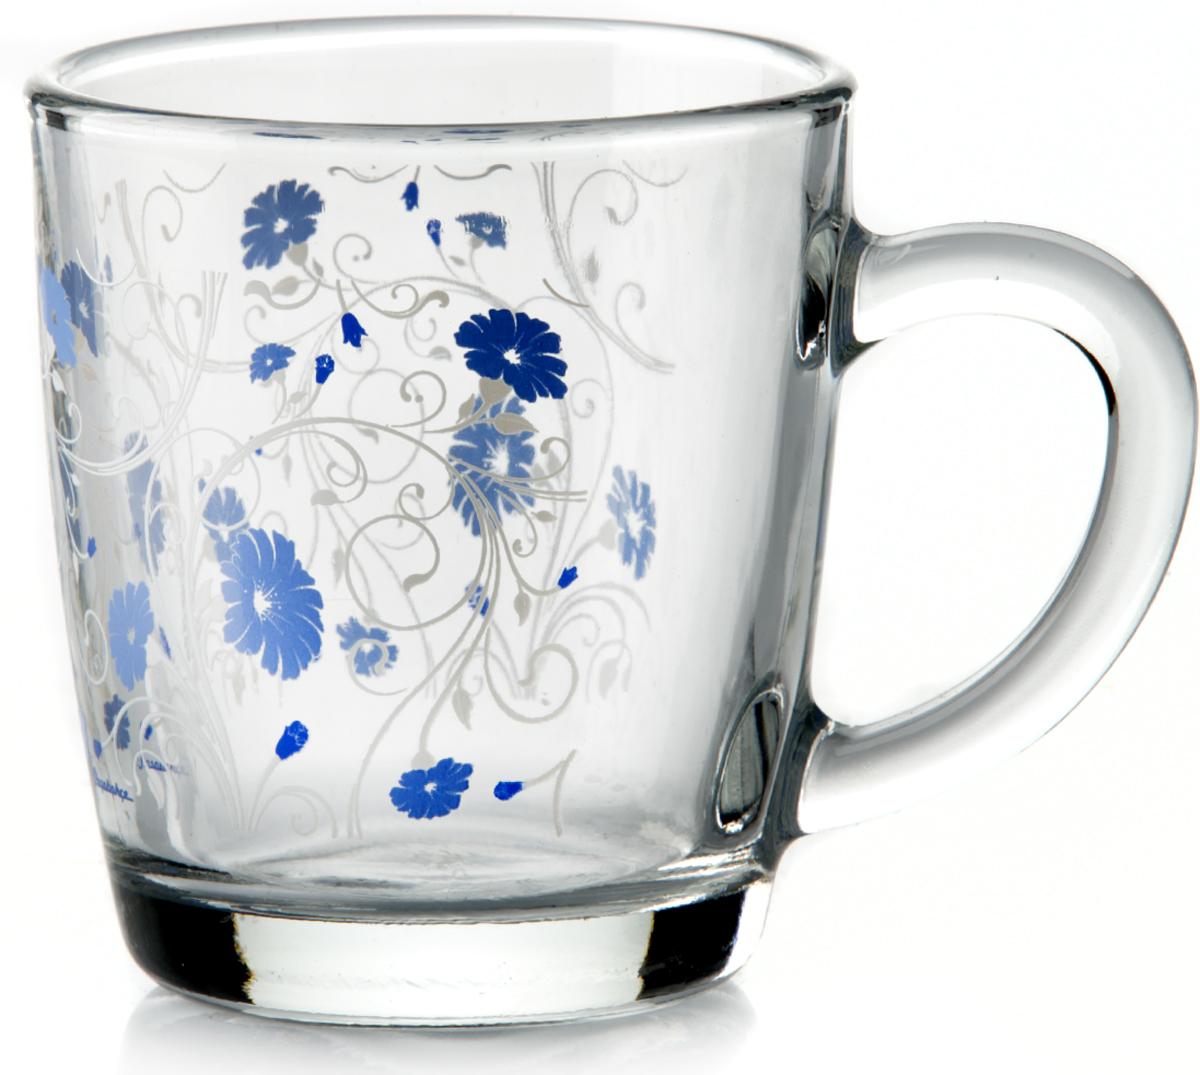 Кружка Pasabahce Serenade55531SLBD15Кружка Pasabahce Serenade изготовлена из прозрачного стекла и украшена красивым рисунком. Изделие идеально подходит для сервировки стола.Кружка не только украсит ваш кухонный стол, но и подчеркнет прекрасный вкус хозяйки.